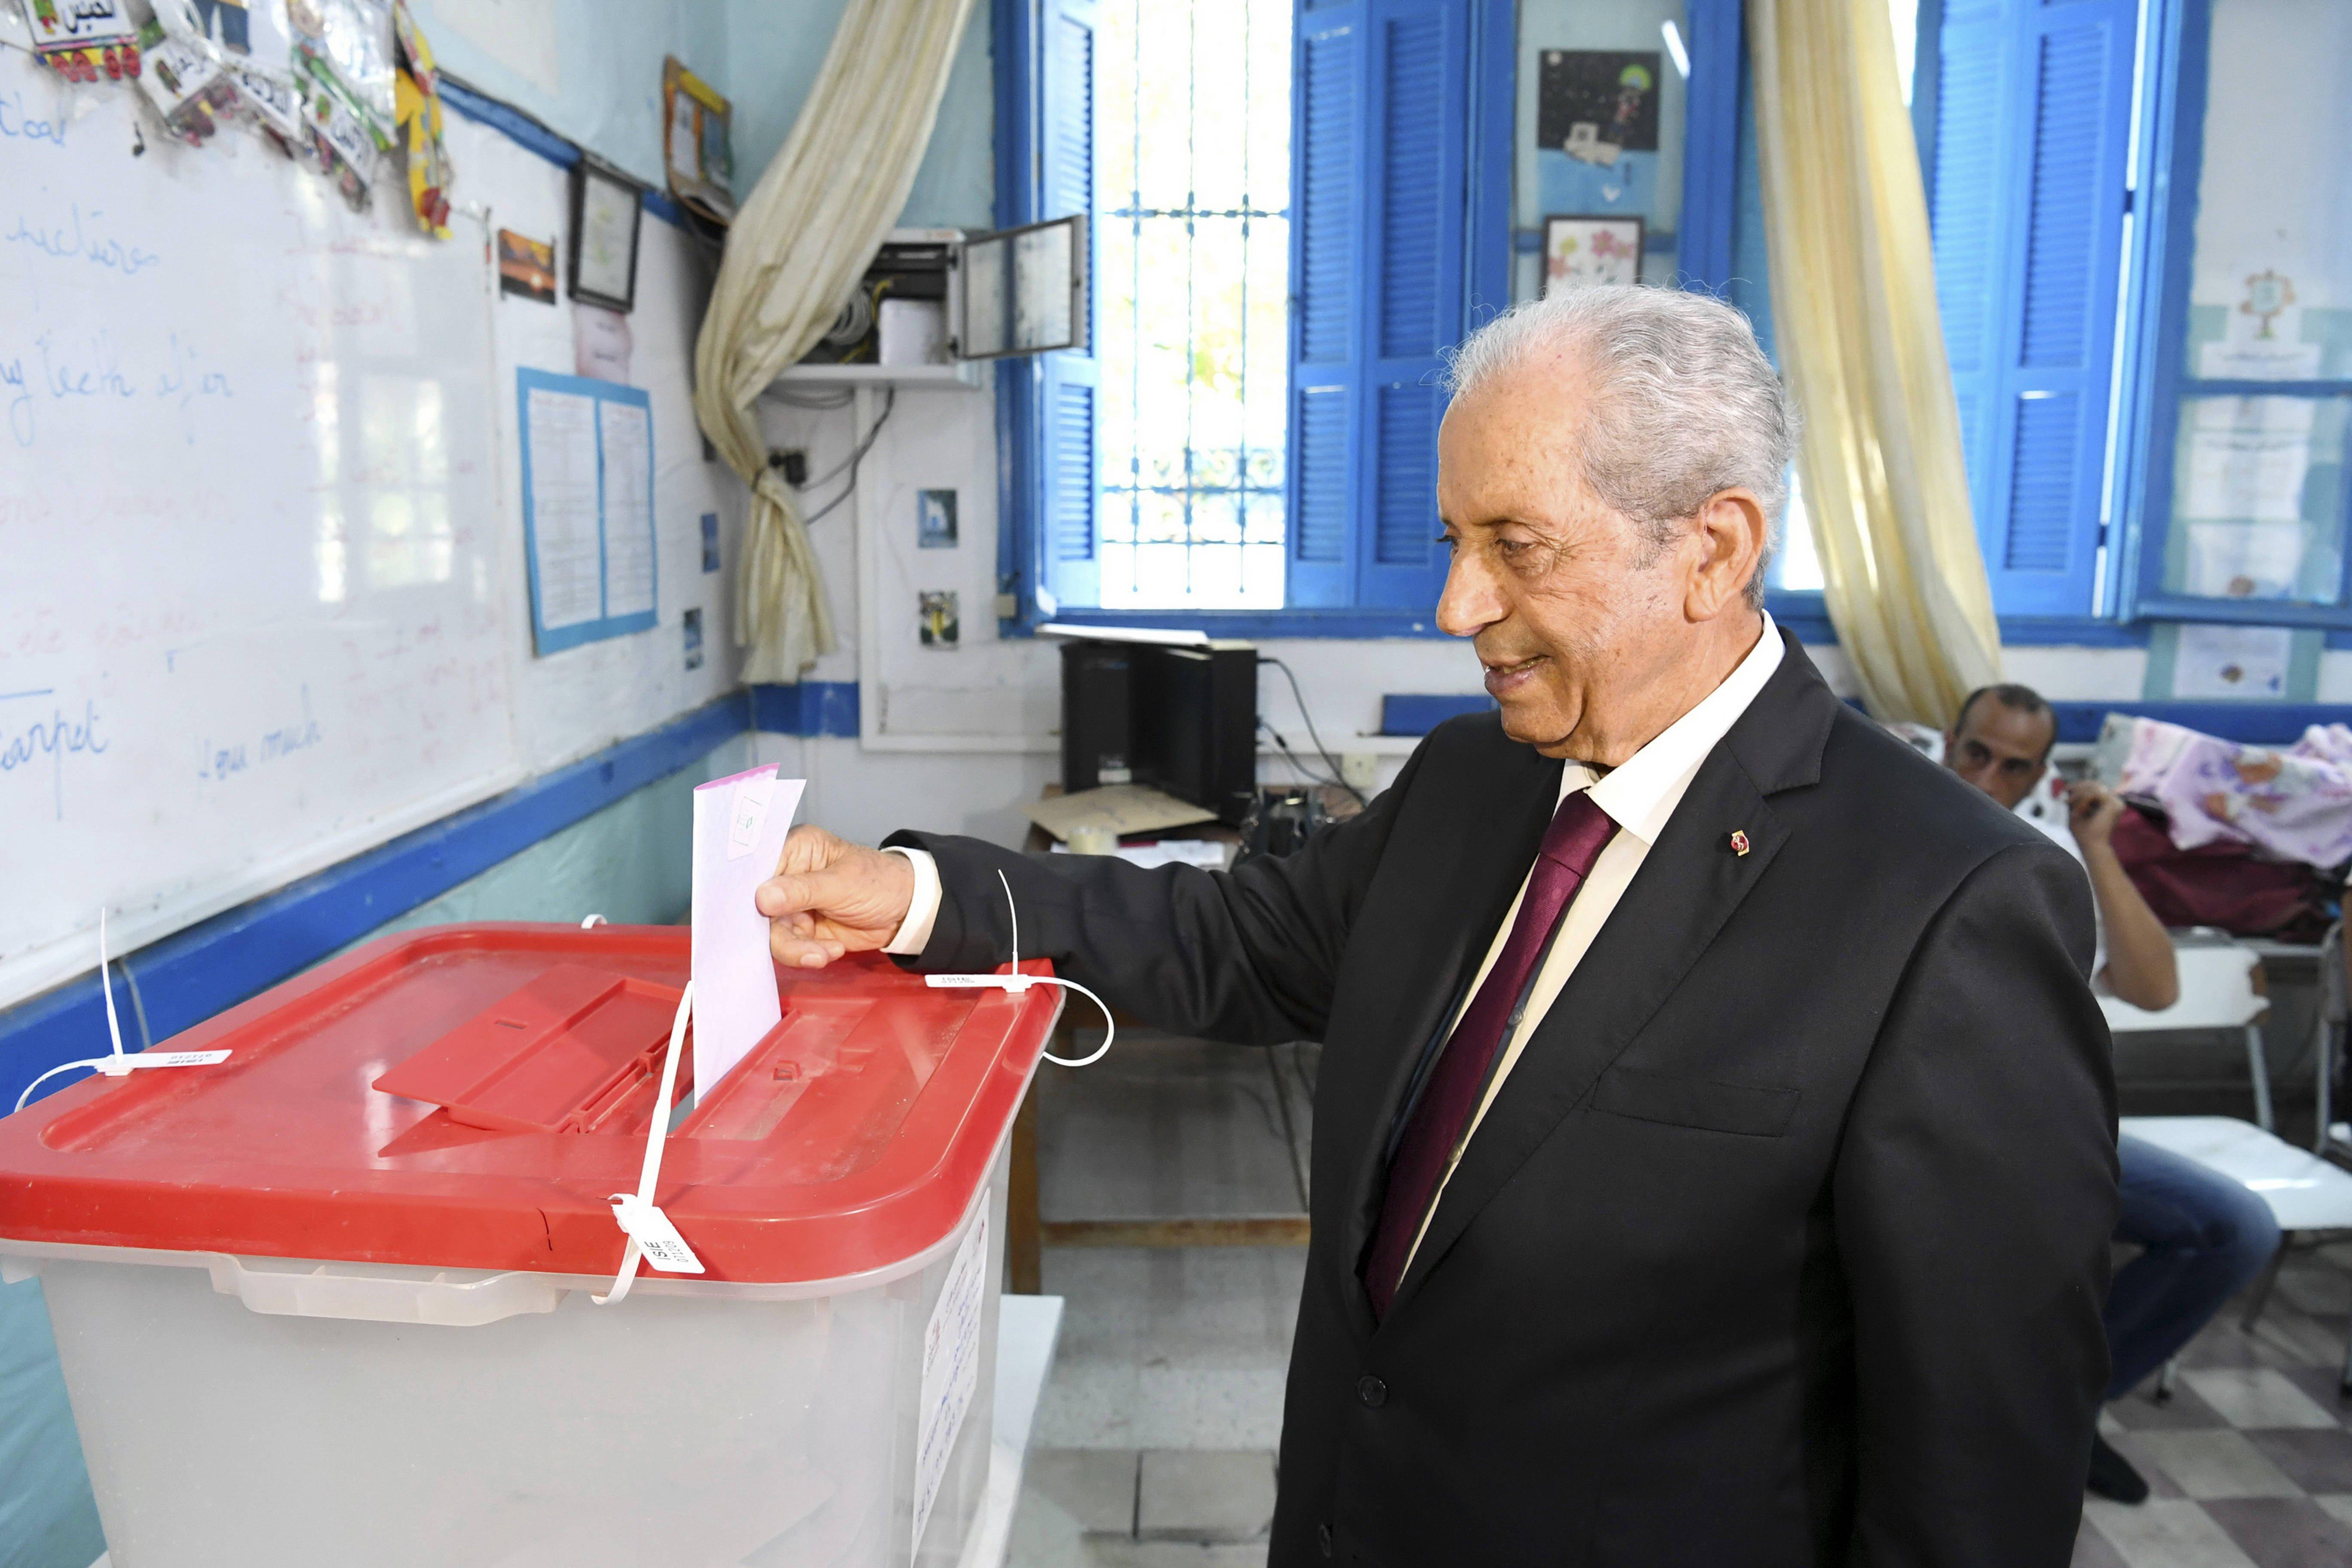 Mohamed Ennaceur, le président de la République par intérim, plaçant son bulletin dans l'urne dans un bureau de vote de Sidi Bou Saïd, dimanche 15 septembre.